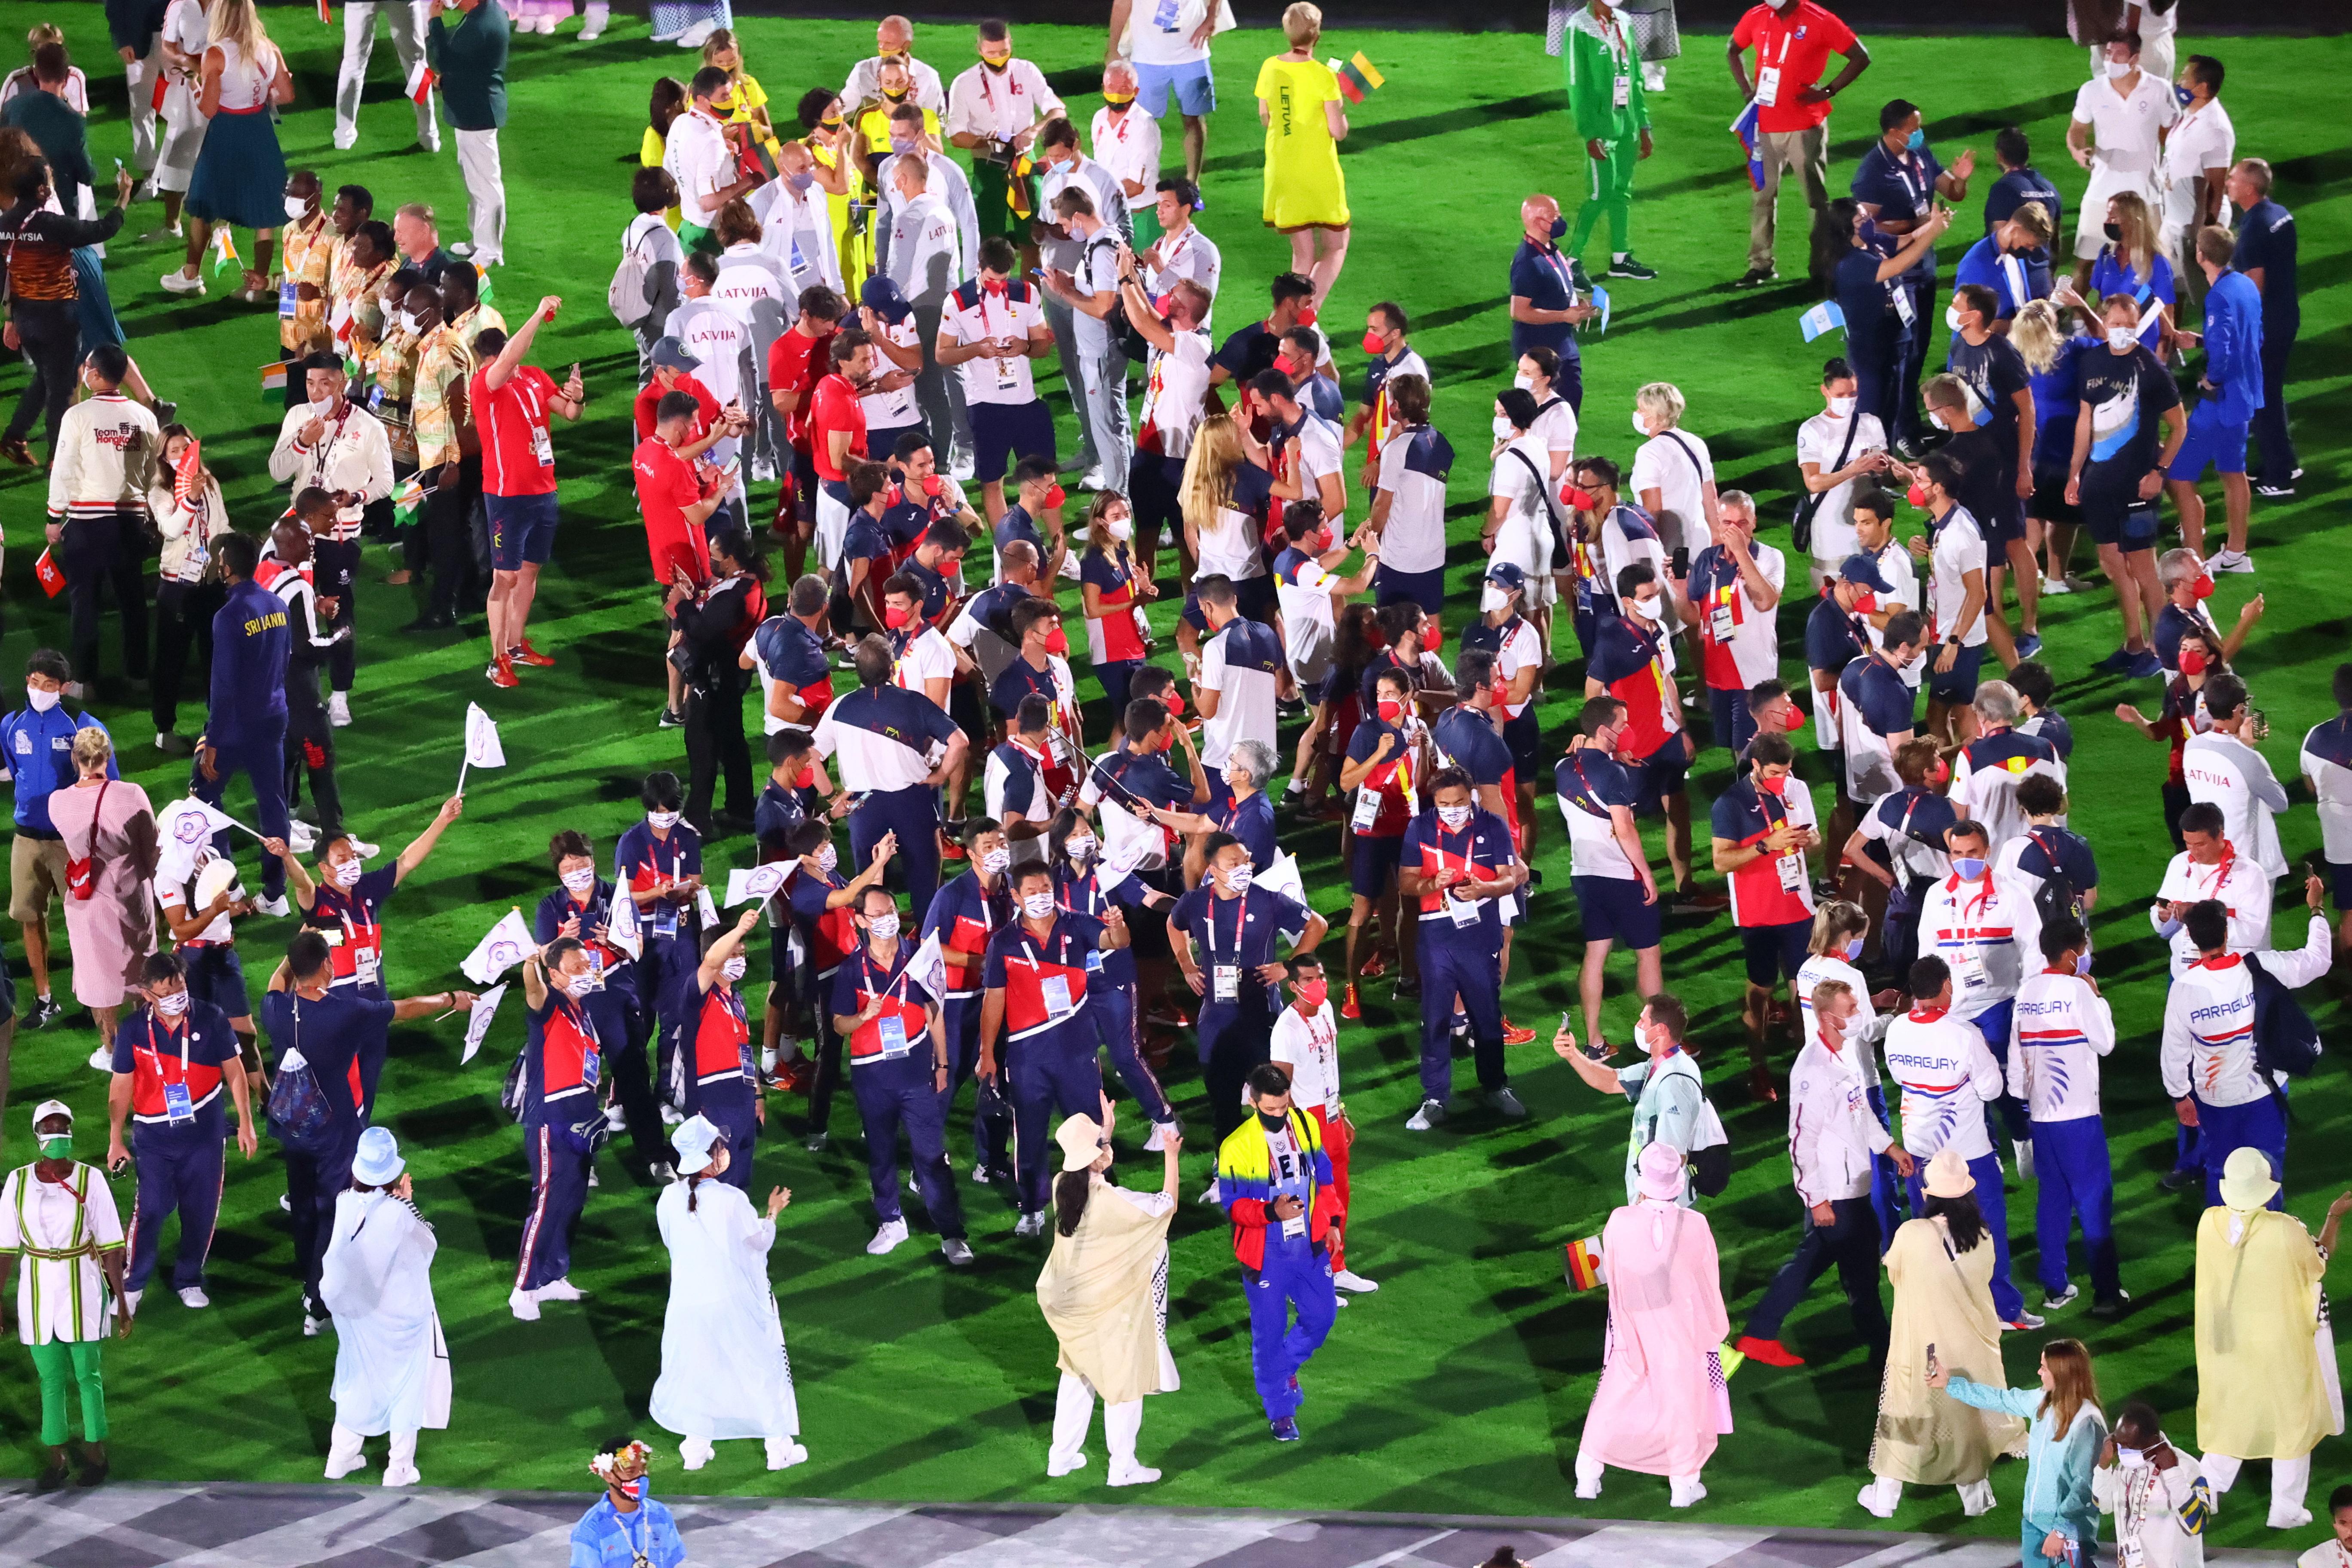 सभी देशों के एथलीट्स एक दूसरे से मिल रहे हैं और पल का लुत्फ उठा रहे हैं। अब ये लम्हा उन्हें तीन साल बाद ही मिलेगा।